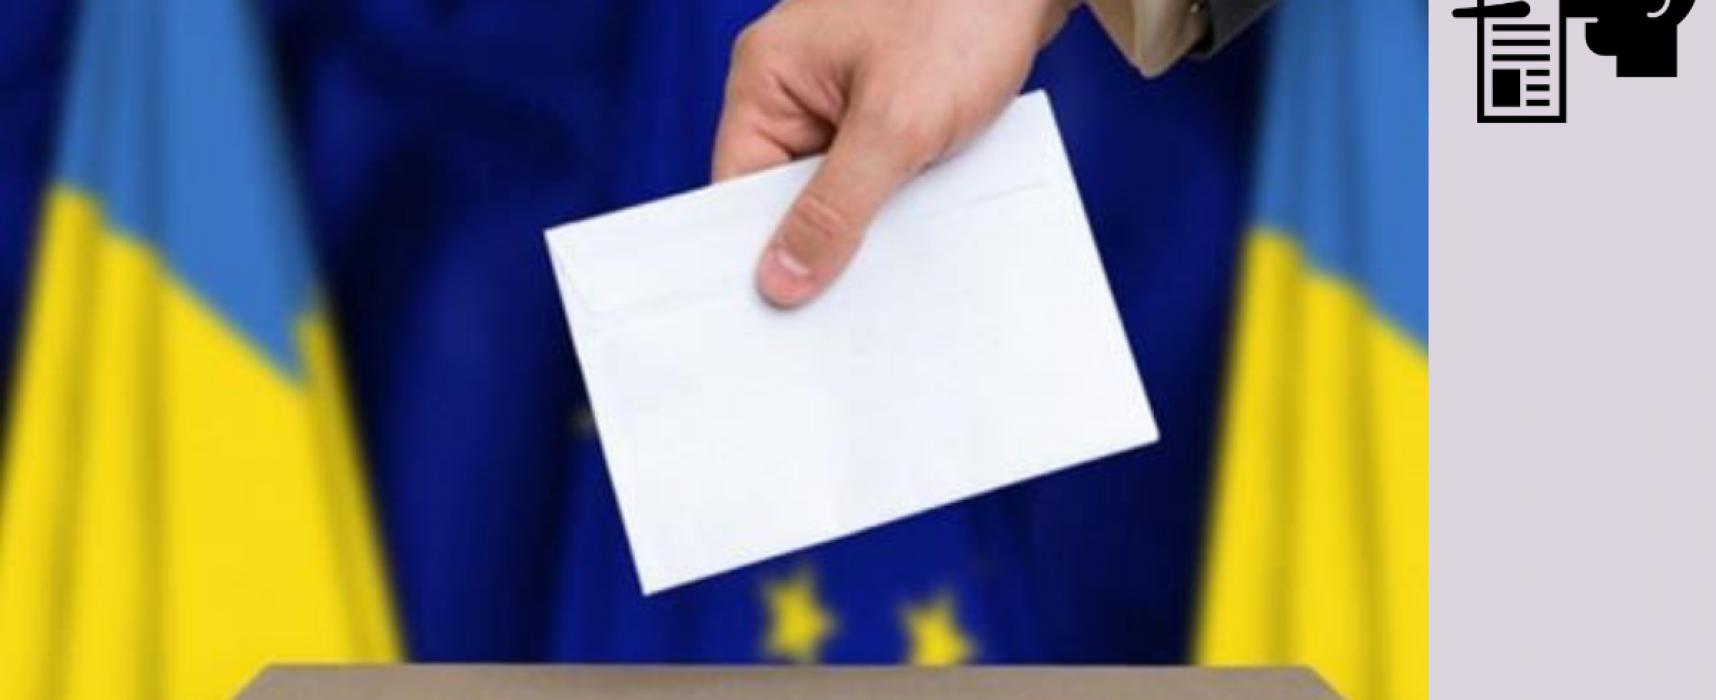 Фейк: Избирательные кампании в Украине финансируются из «непонятных фондов»